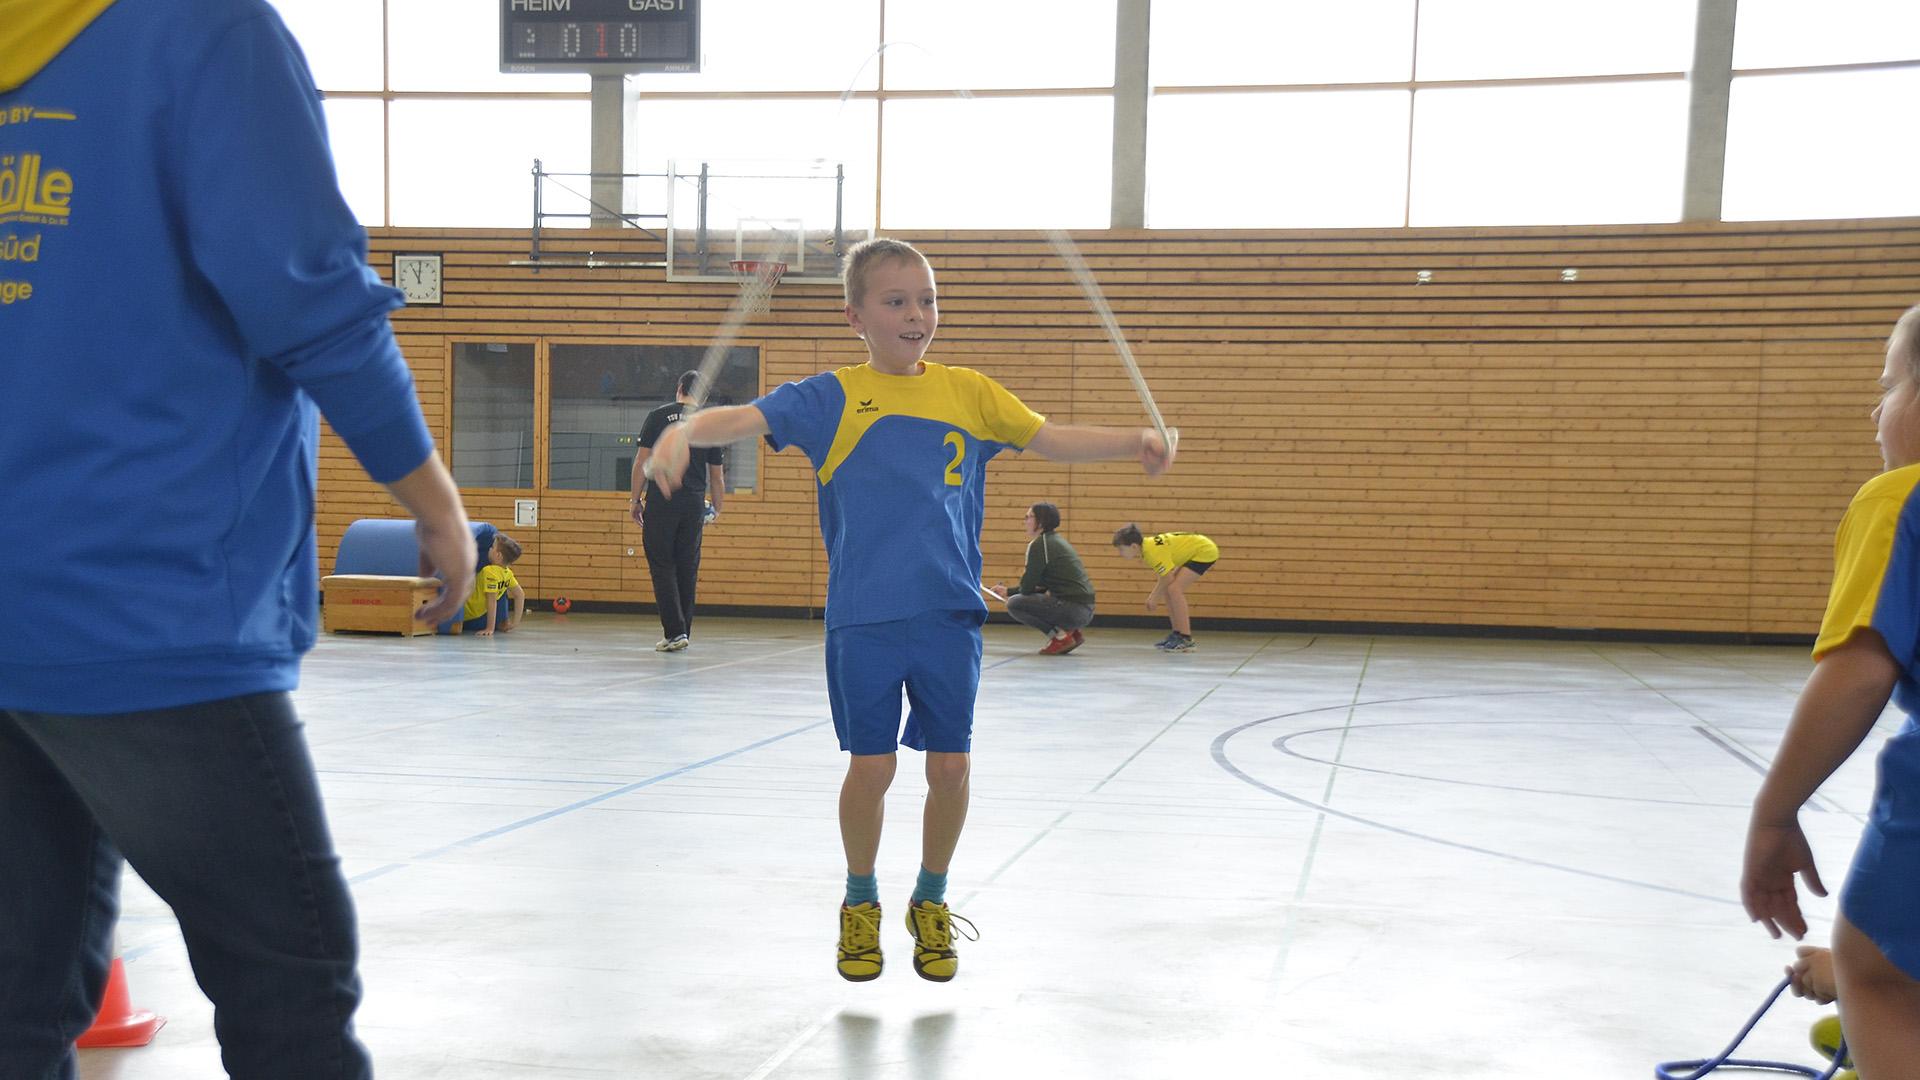 027Slider_gE_tsg_leutkirch_handball